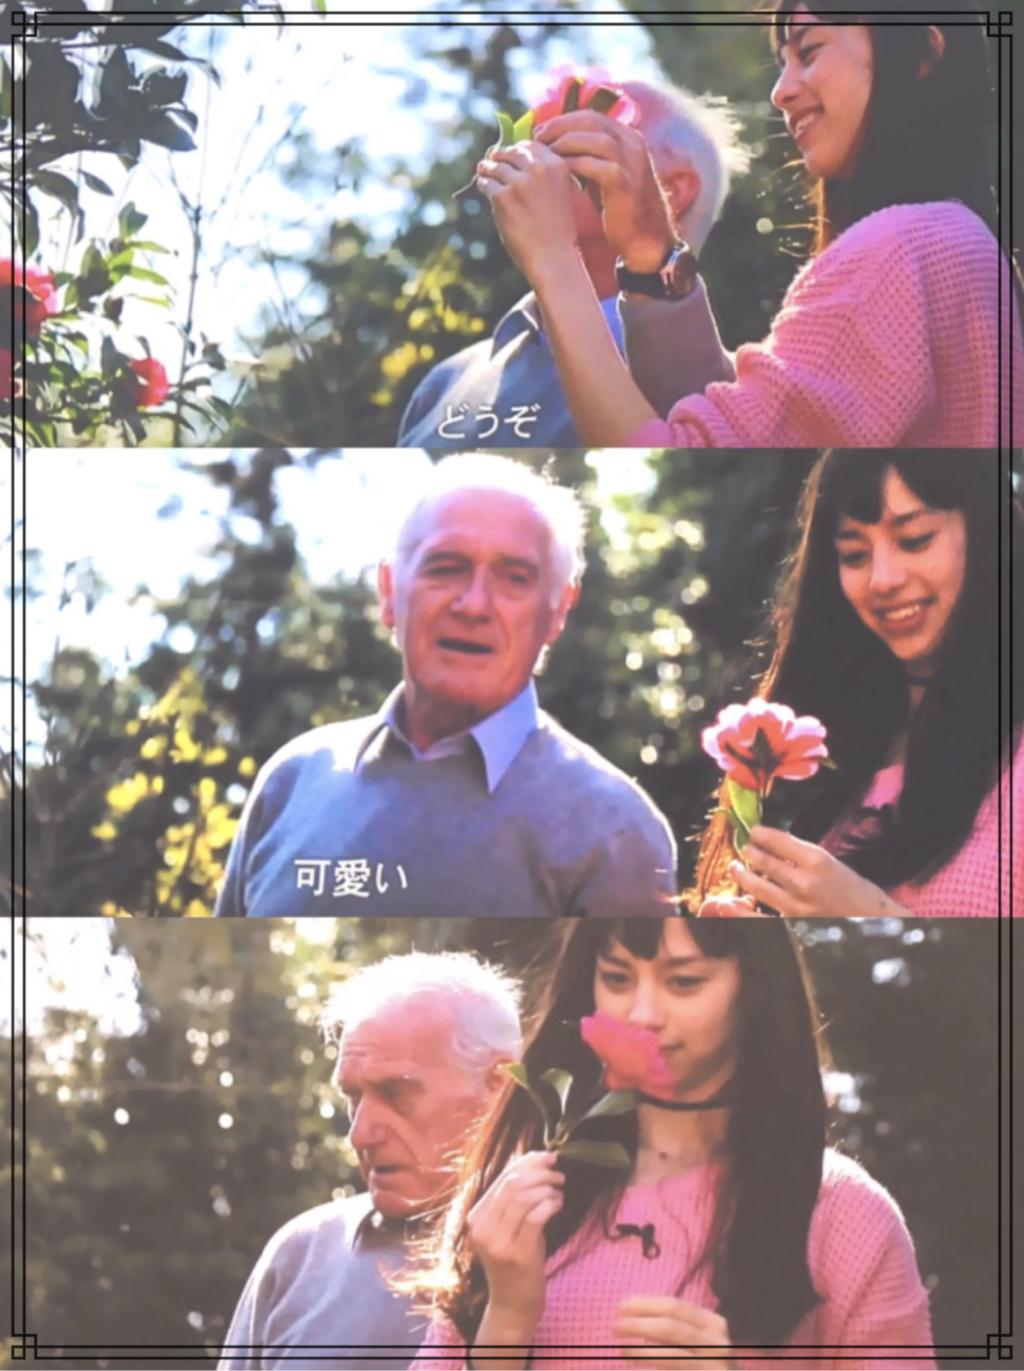 中条あやみさんと家族の画像